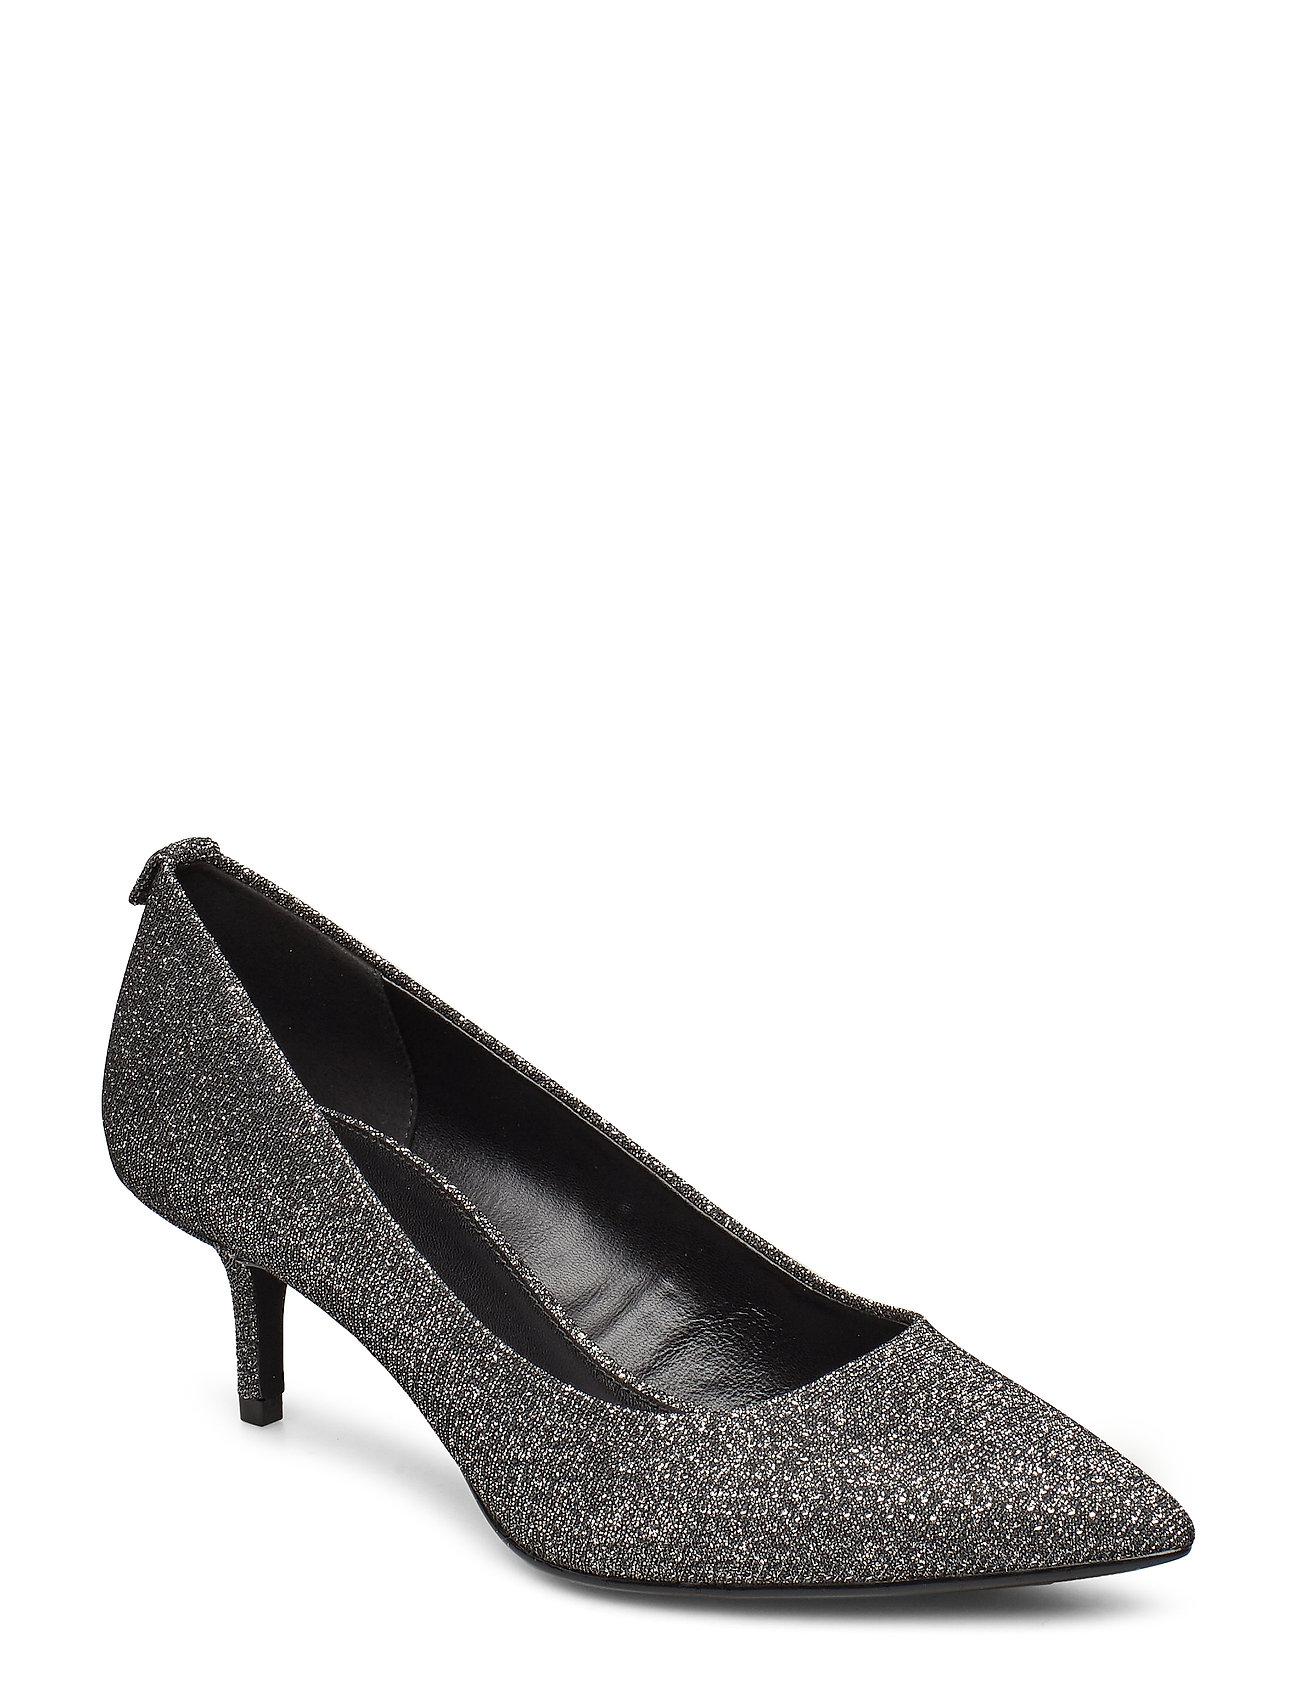 Michael Kors Shoes MK-FLEX KITTEN PUMP - BLK/SILVER